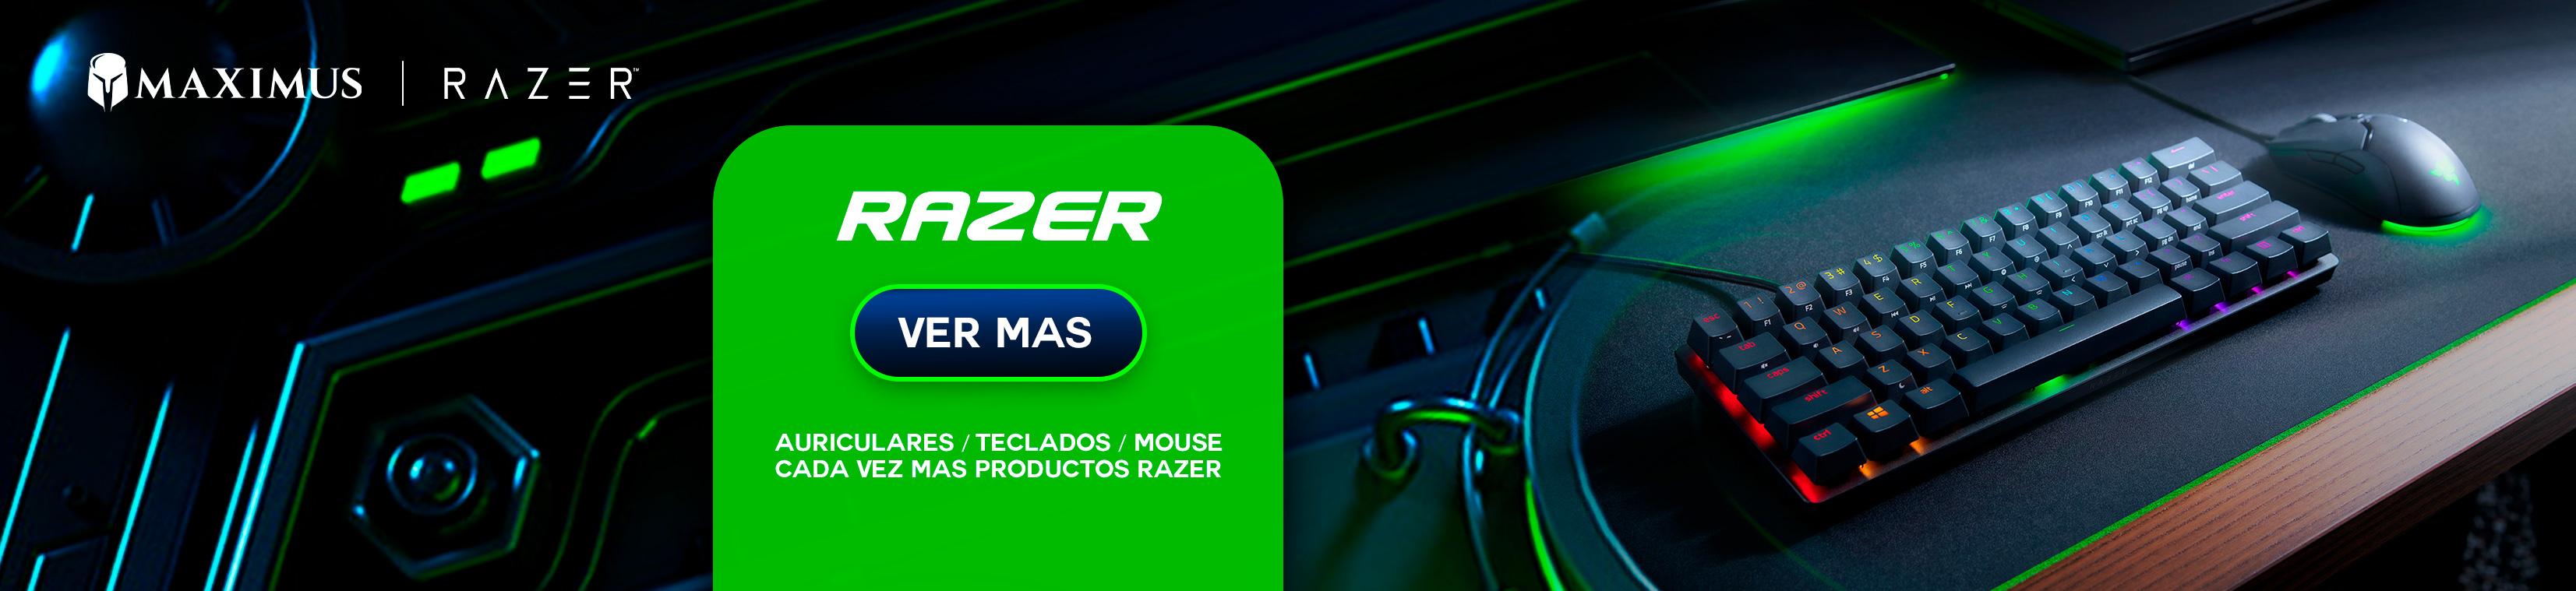 banner-razer1